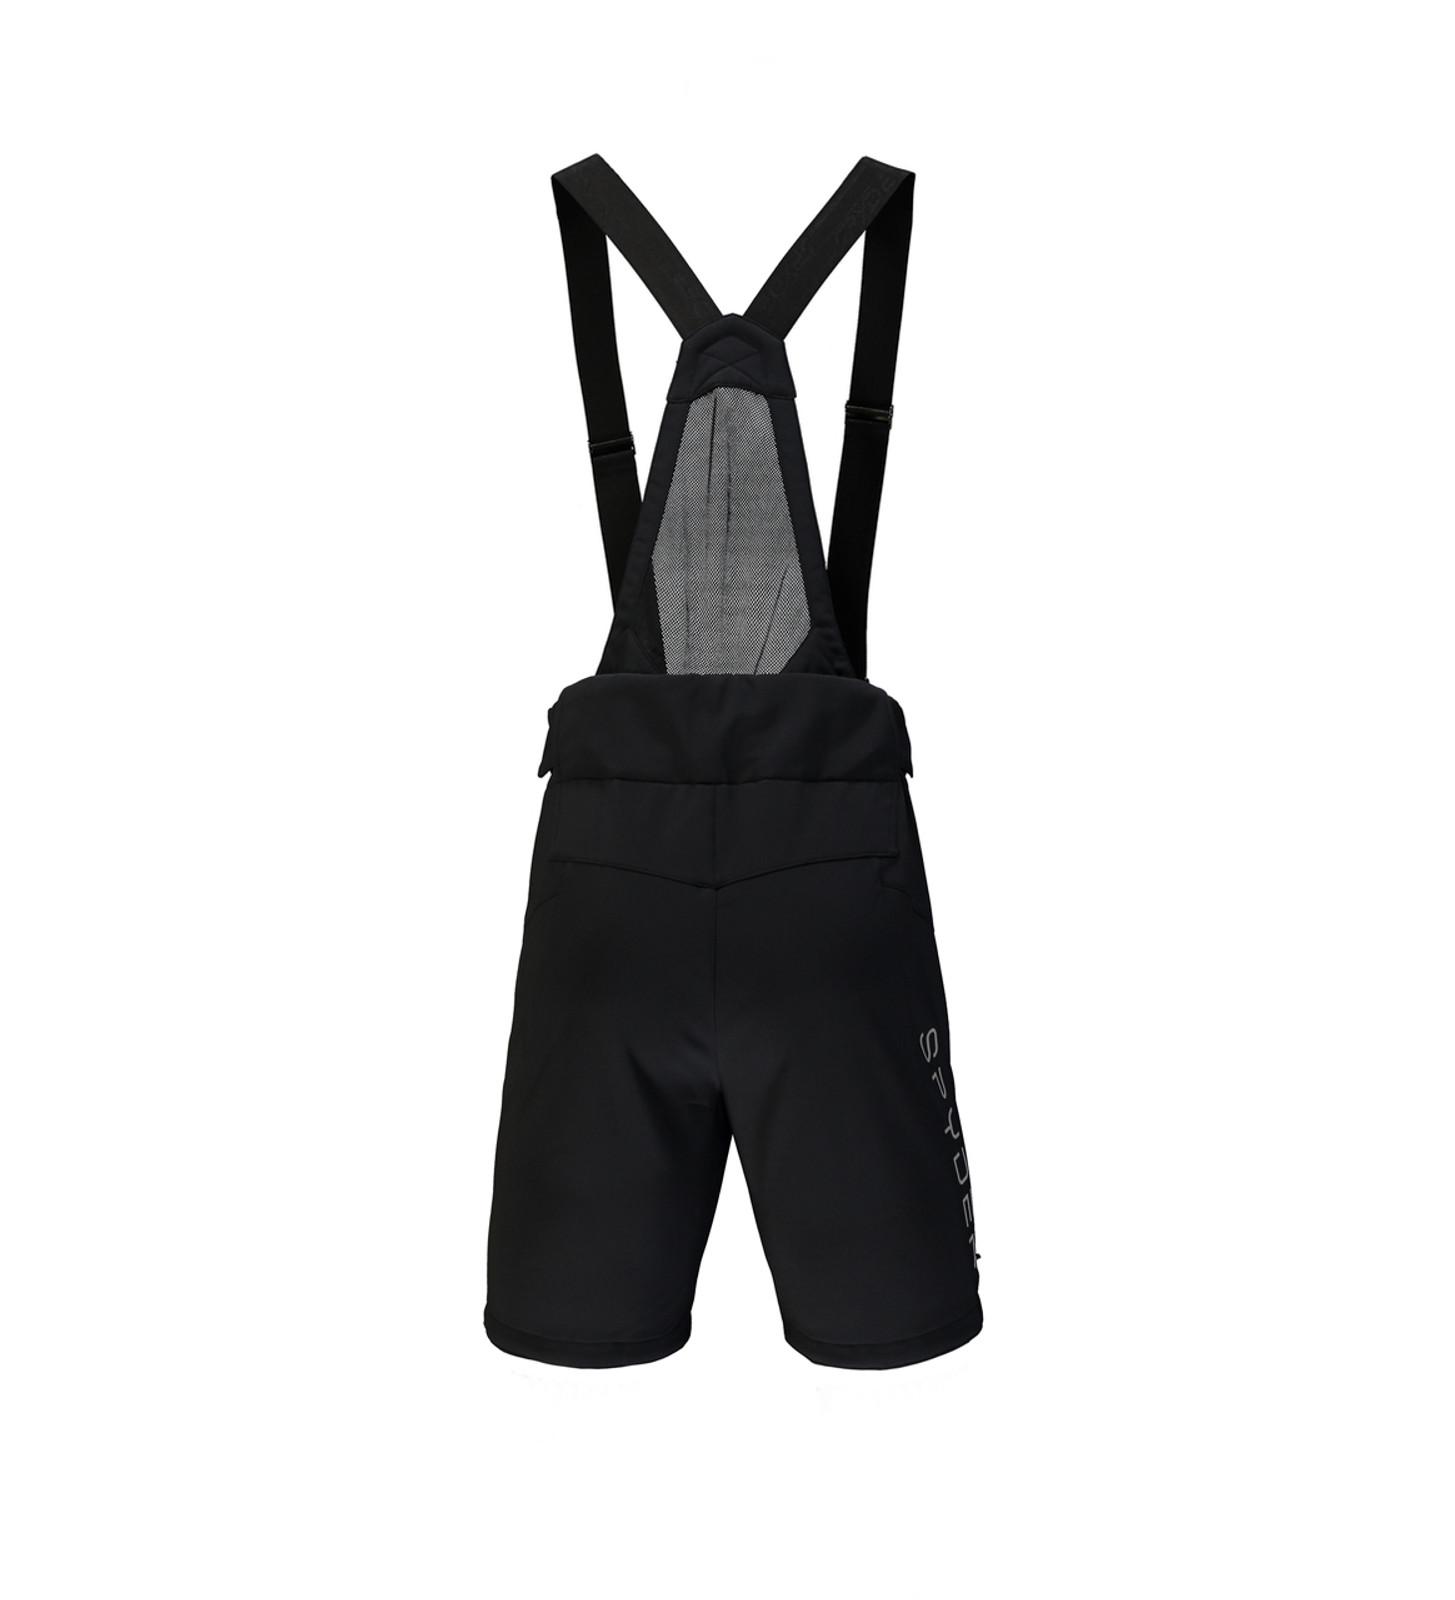 Spyder Softshell Training Shorts  2018